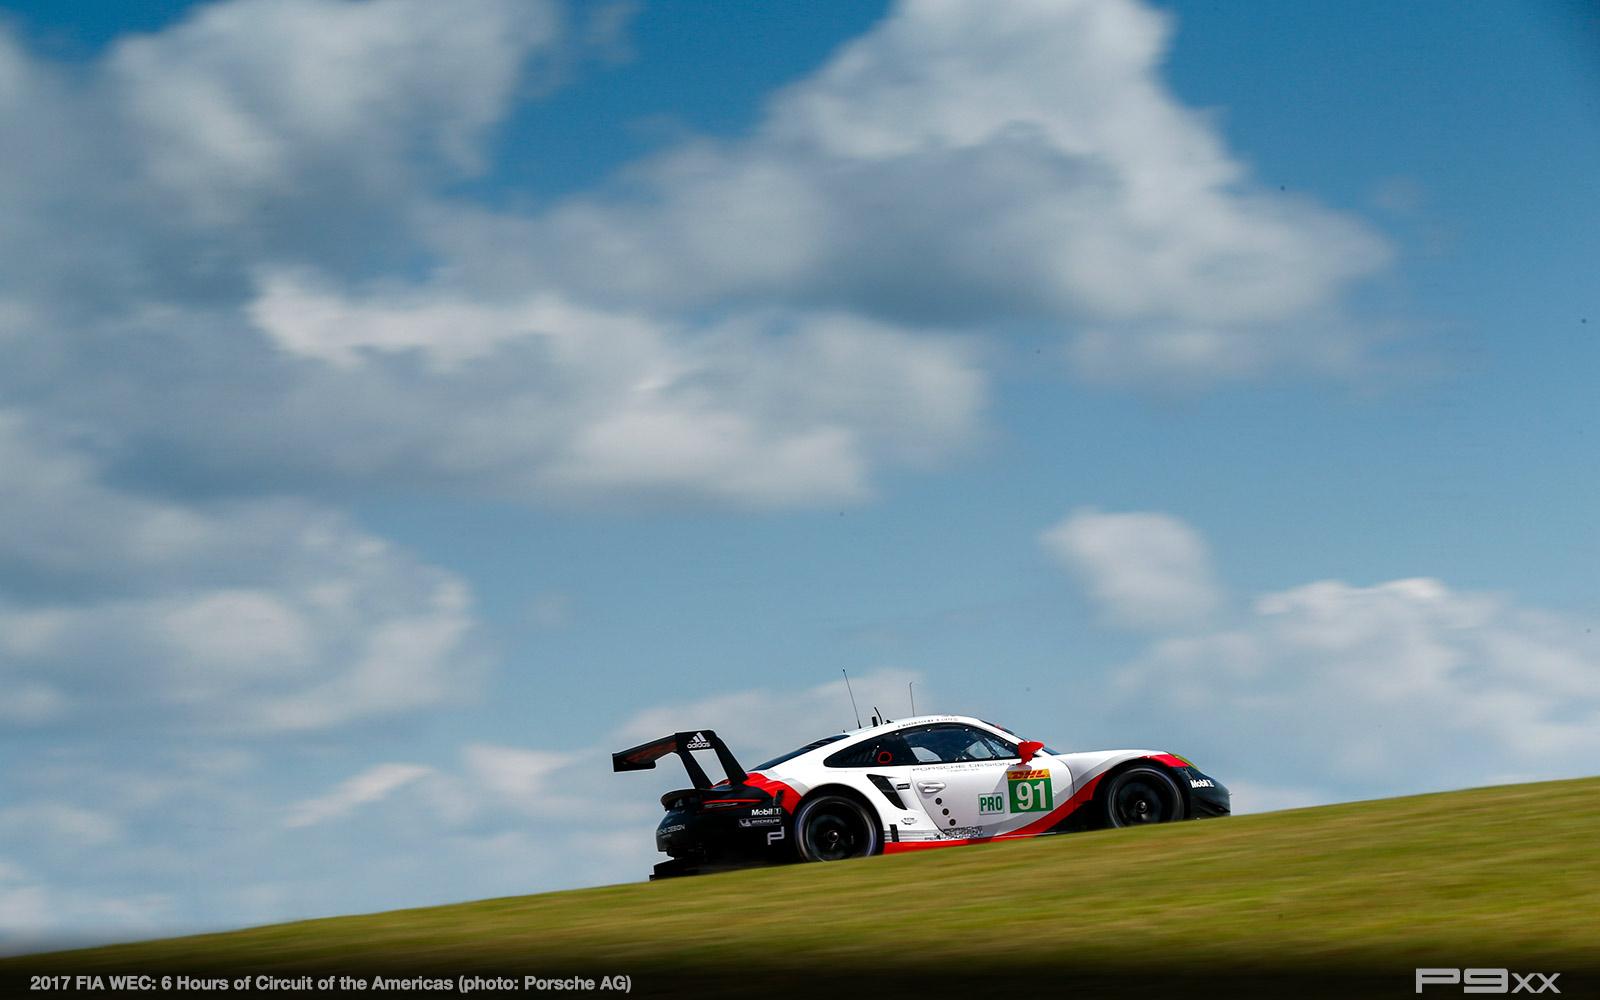 2017-FIA-WEC-6-HOURS-OF-COTA-PORSCHE-494